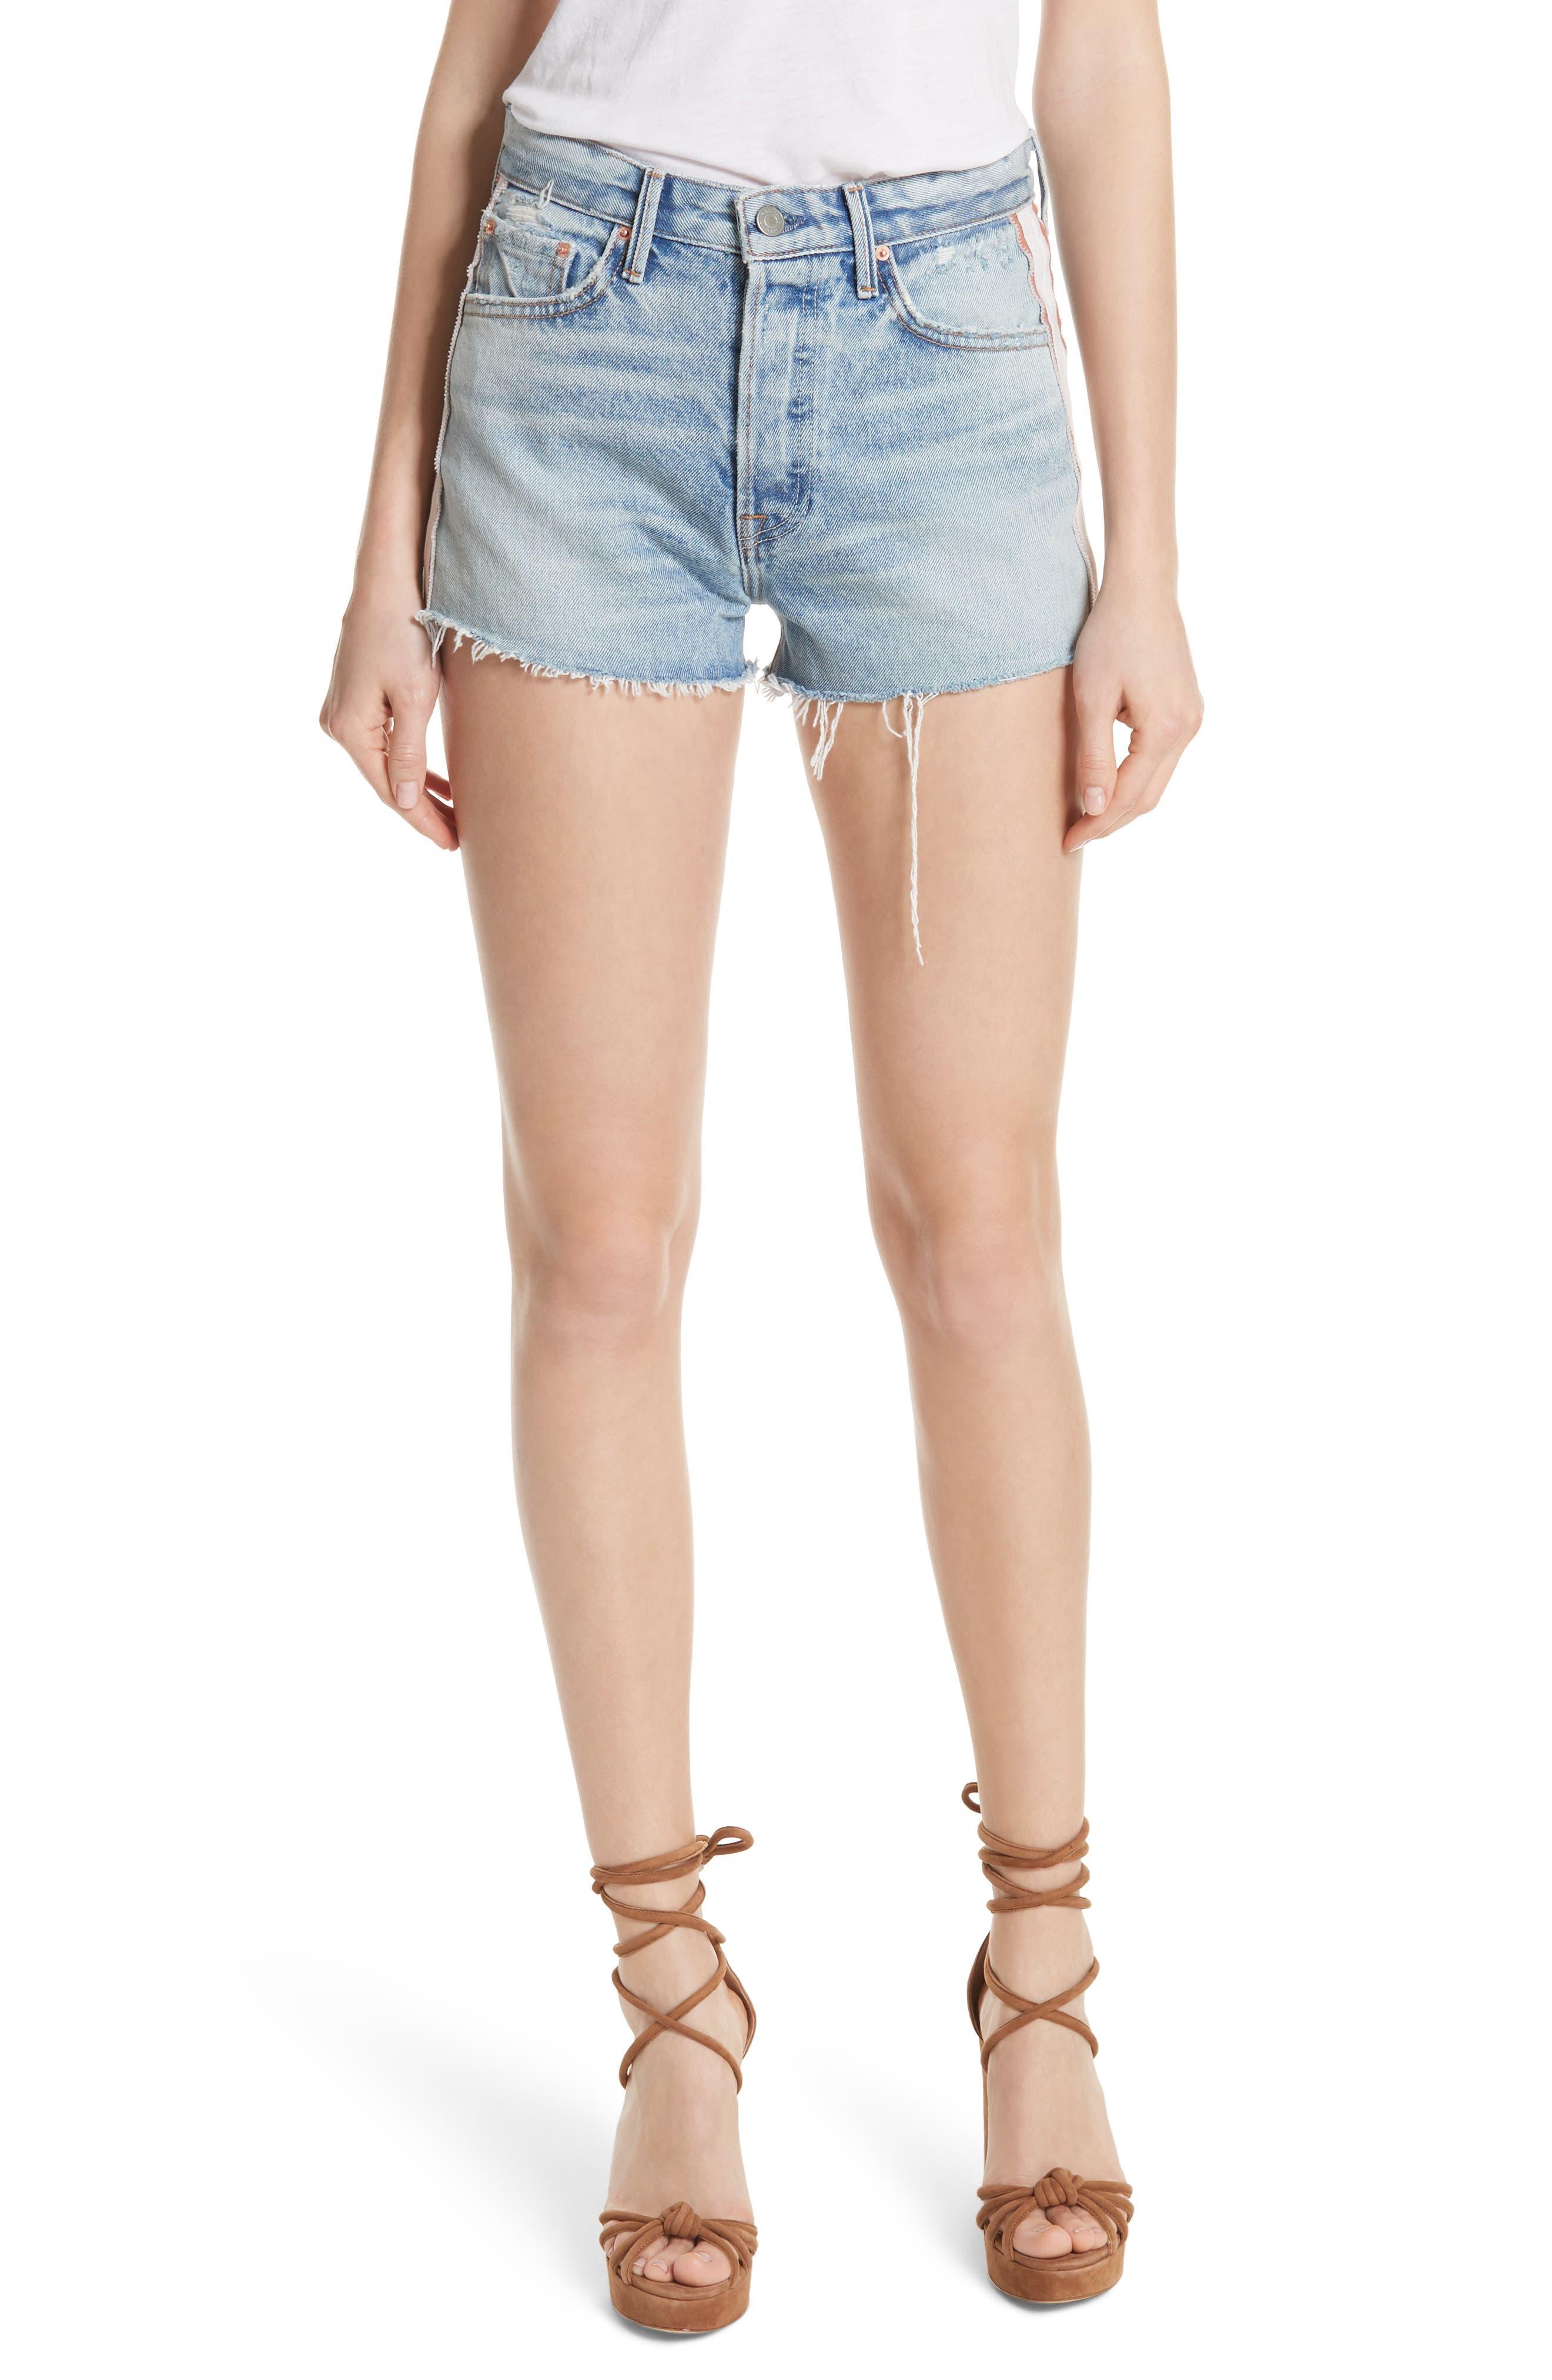 Milly Cabana PANTALONES - Shorts dO1gz